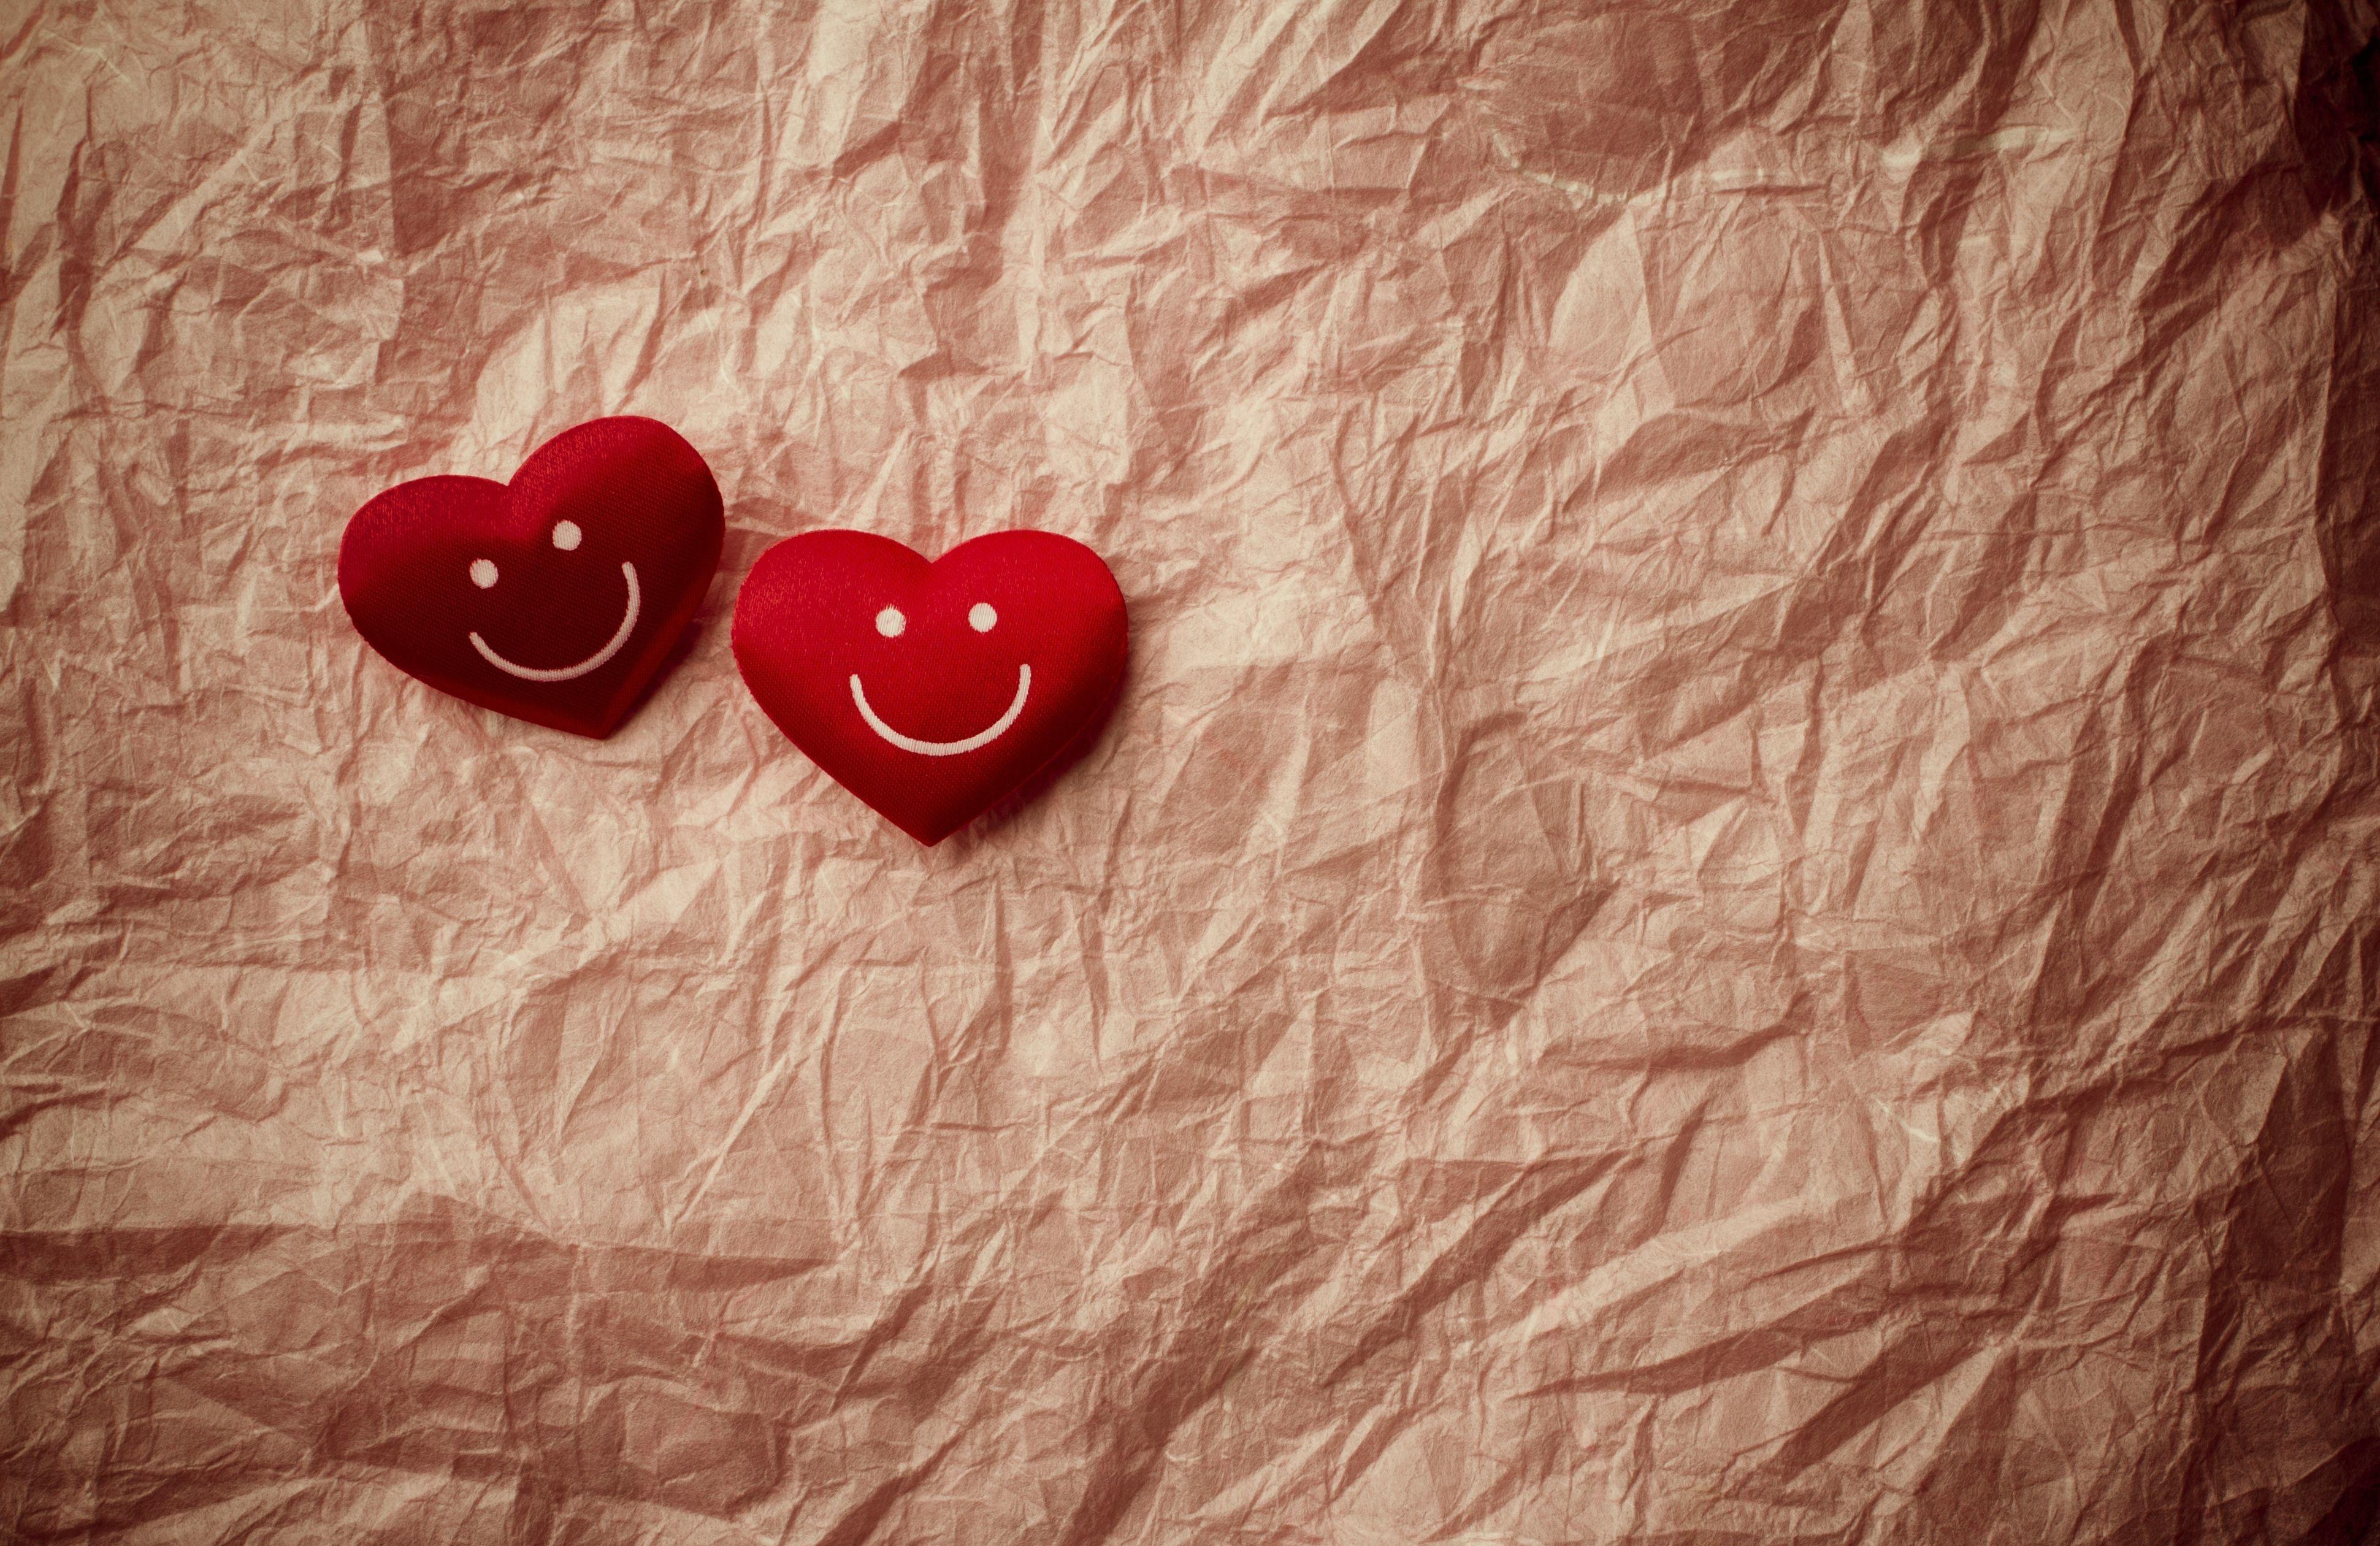 Smile Hearts Heart Mood Bokeh Wallpaper